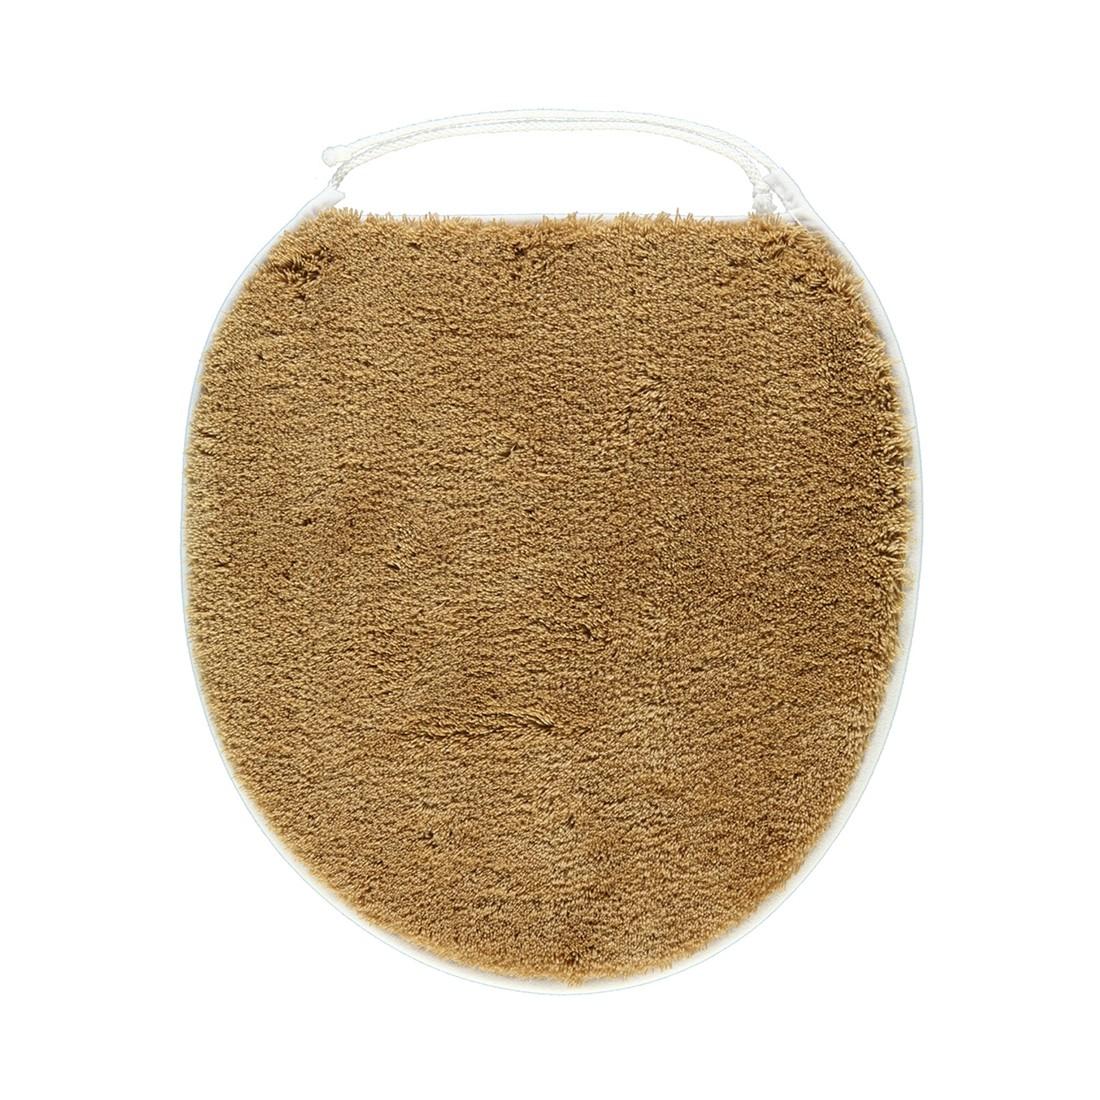 Deckelbezug Soft – 100% Polyacryl Bambusbeige – 231, Kleine Wolke günstig bestellen